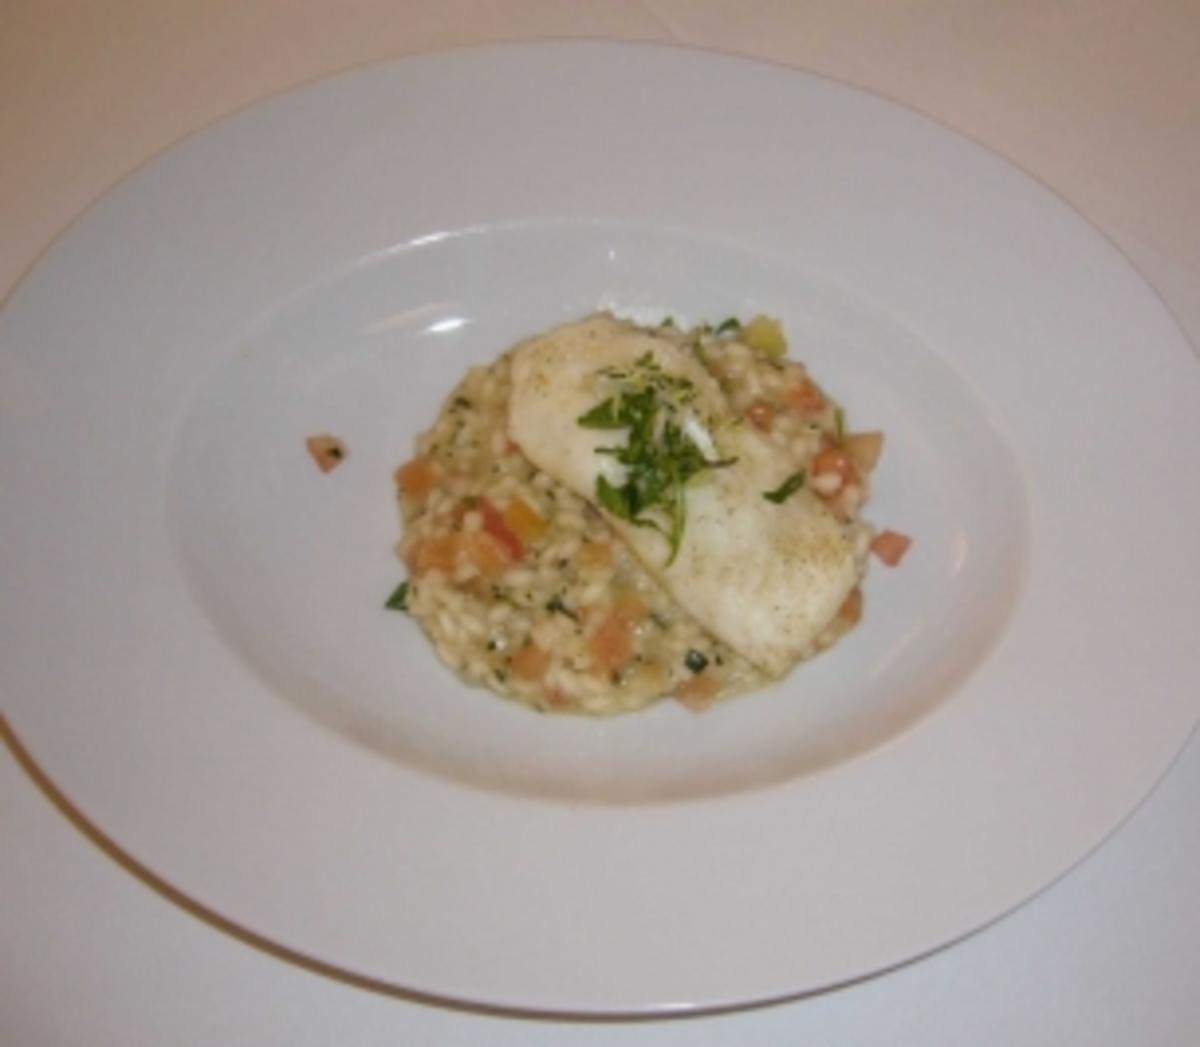 tomaten basilikum risotto mit gebratenem steinbutt rezept. Black Bedroom Furniture Sets. Home Design Ideas